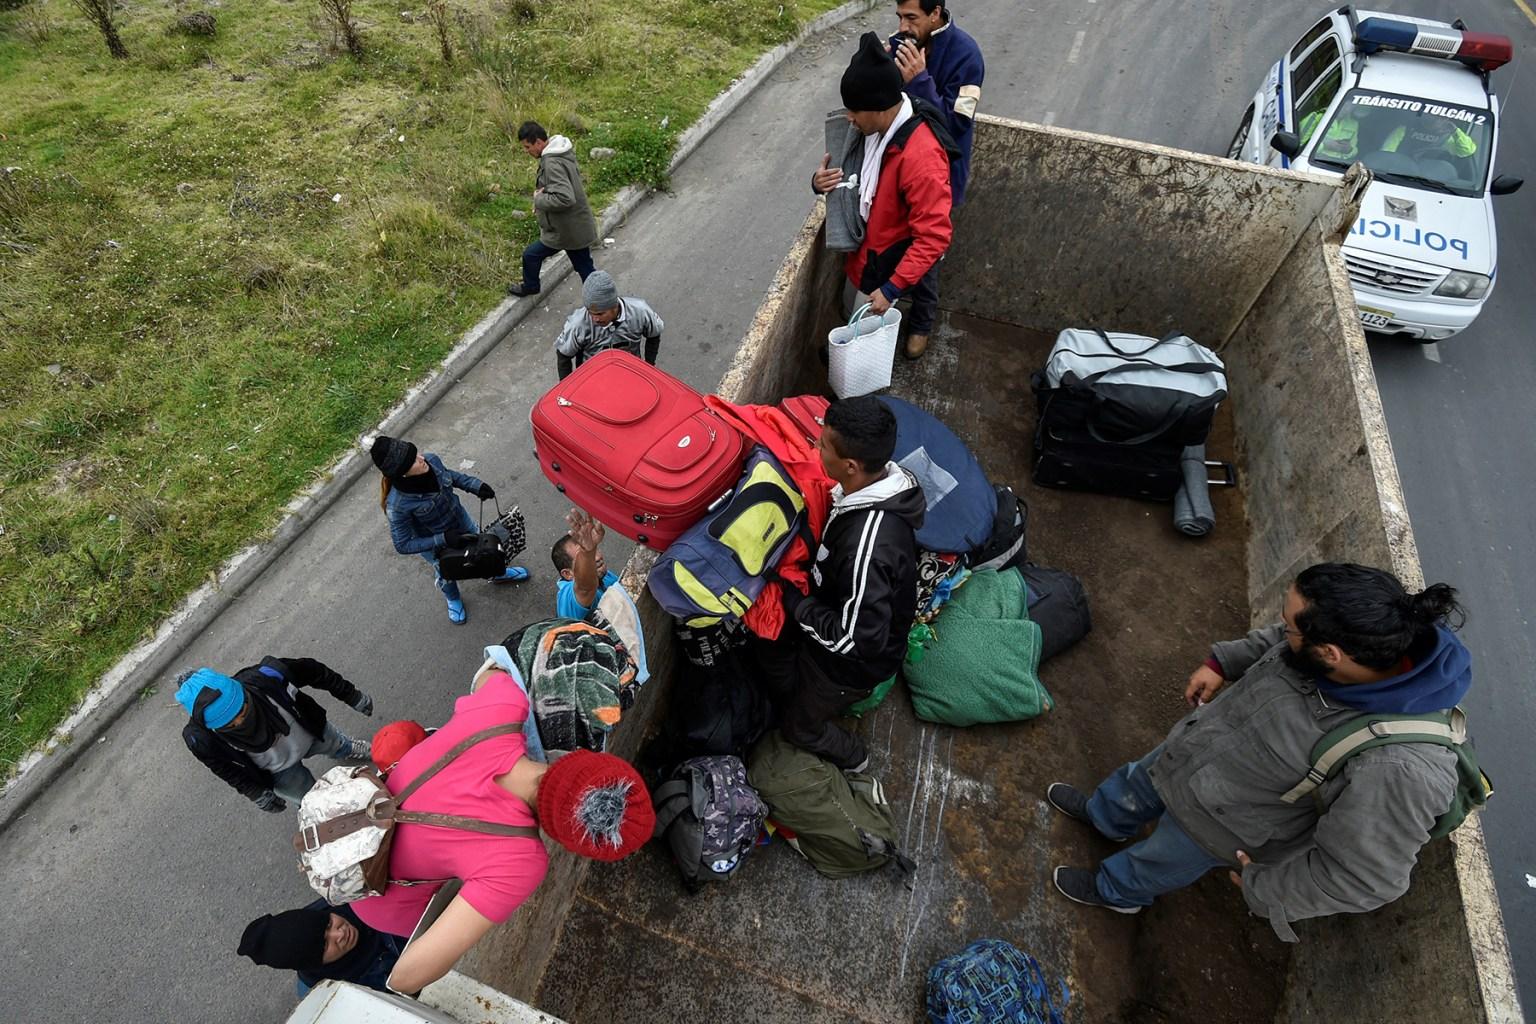 Venezuelan migrants board a truck on their way to Peru in Tulcan, Ecuador, on Aug. 21. LUIS ROBAYO/AFP/Getty Images